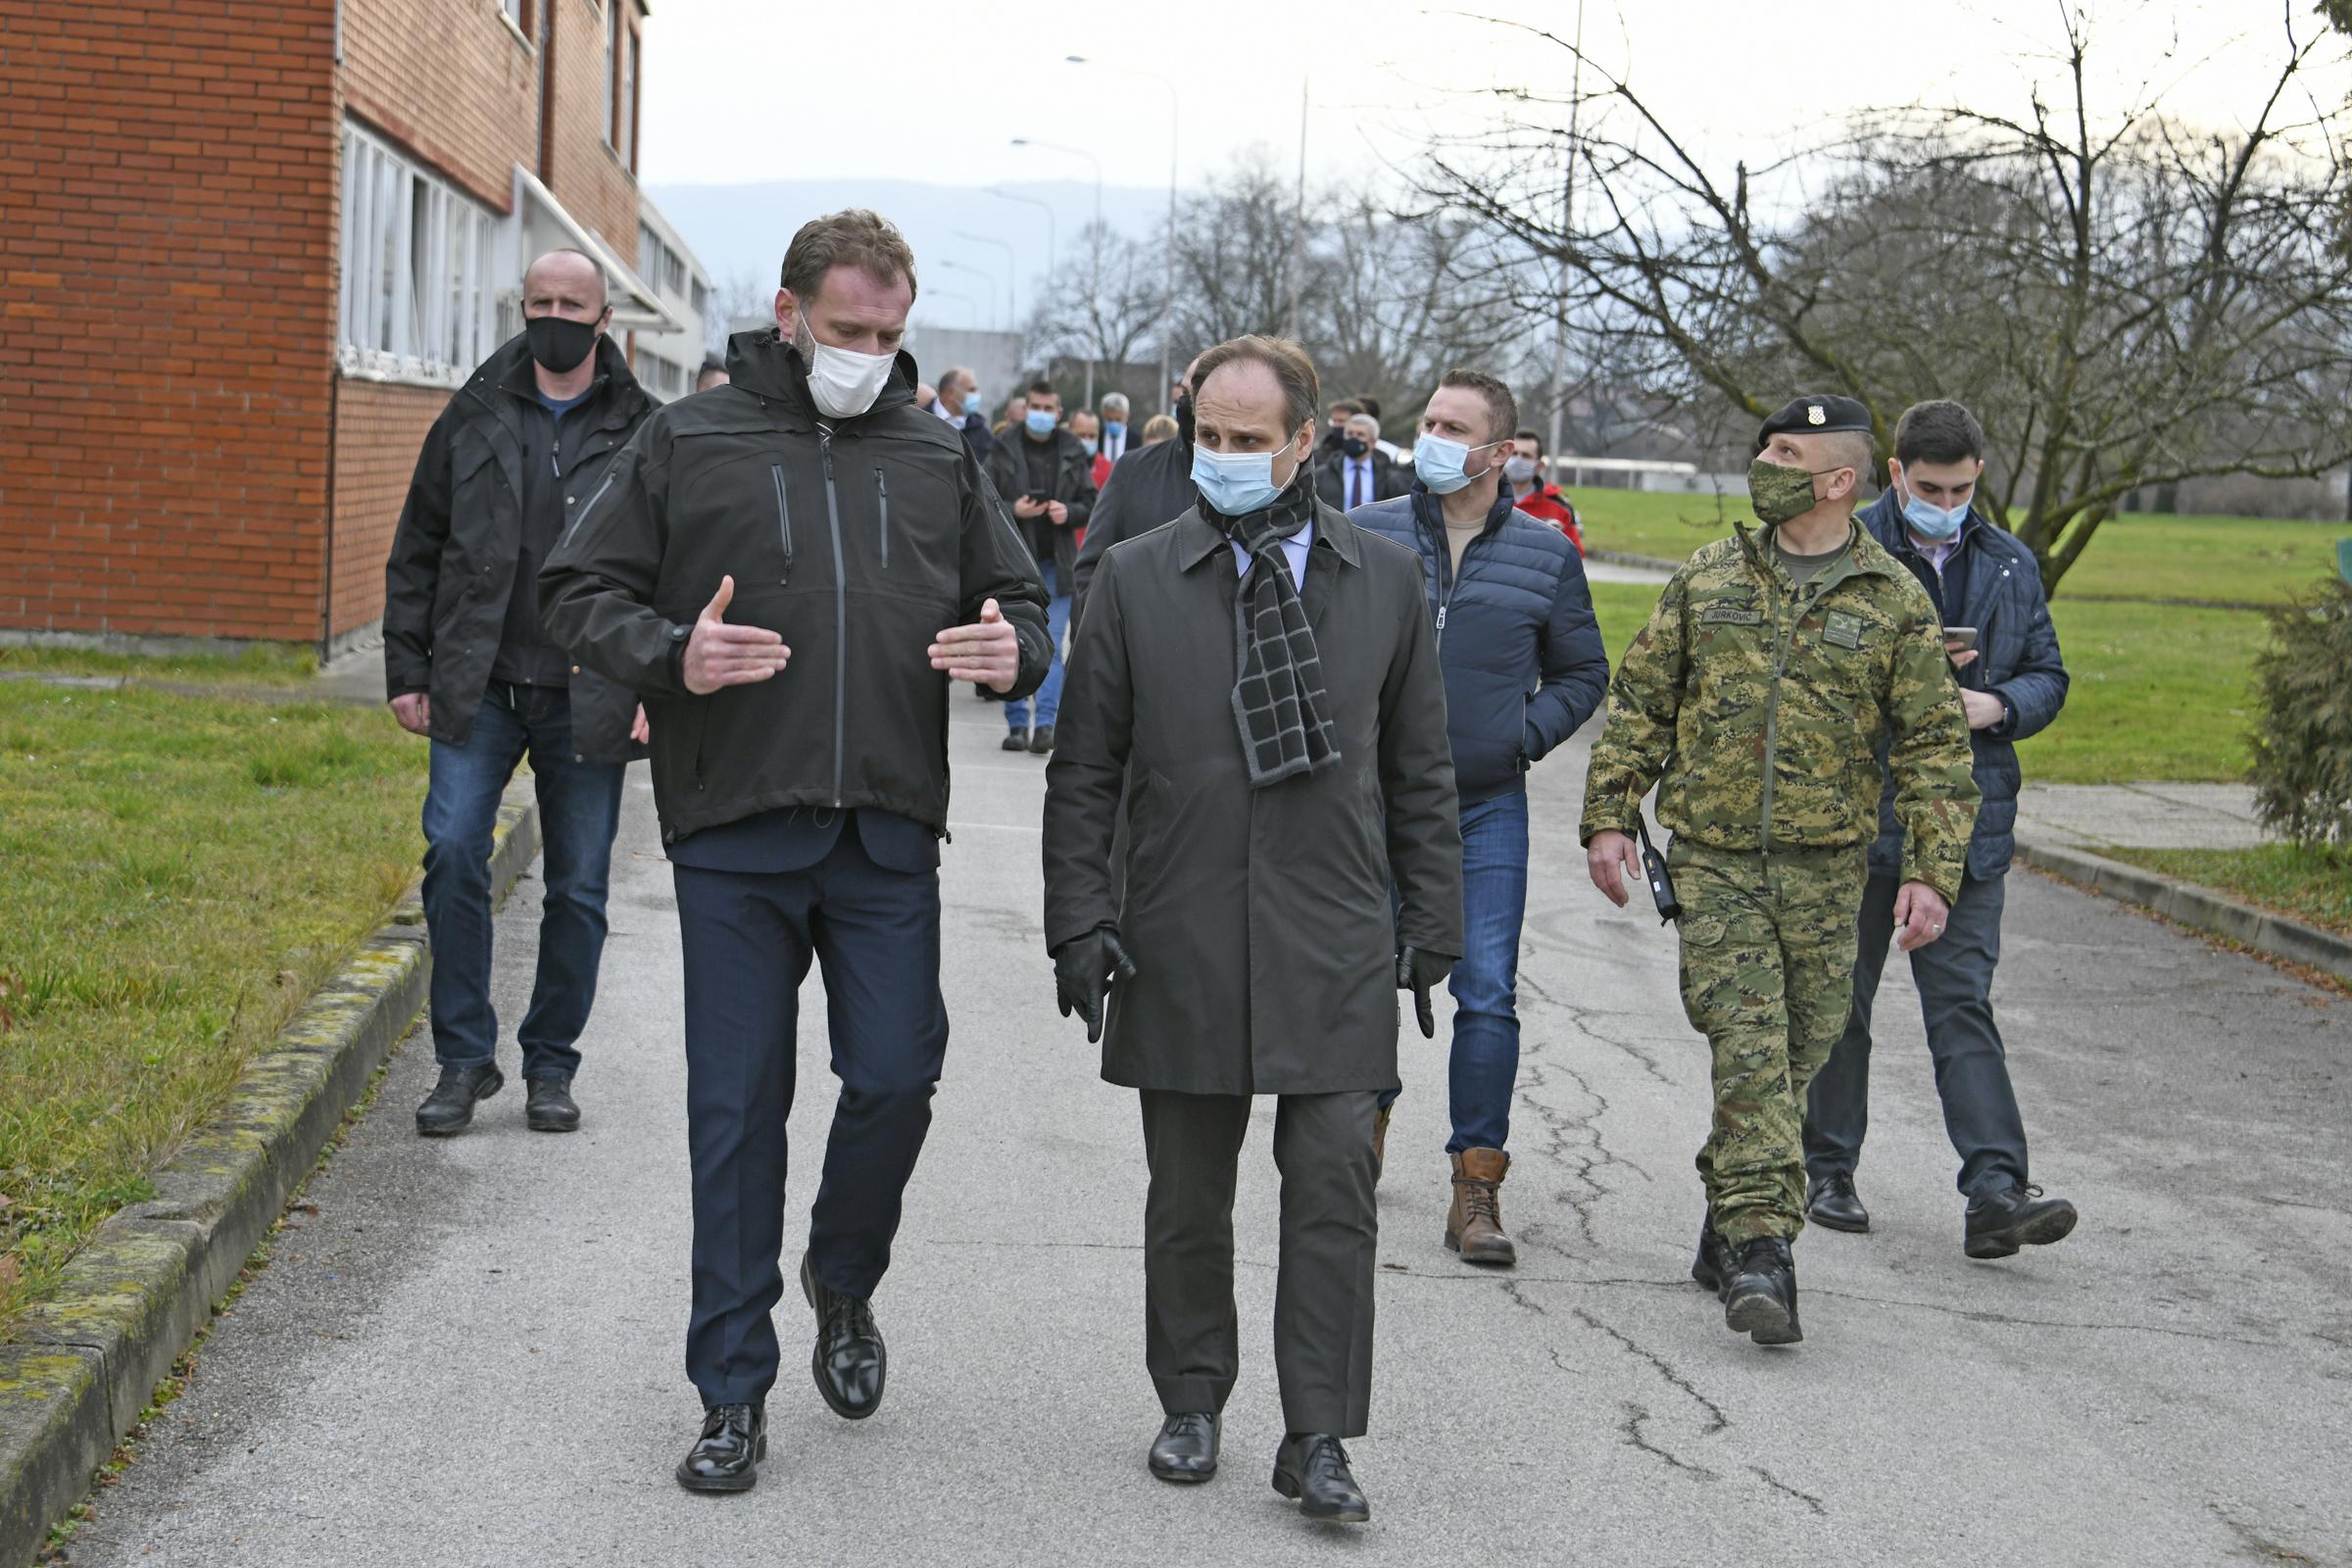 Ministar Banožić u sklopu posjeta Petrinji obišao i Mesnu industriju Gavrilović